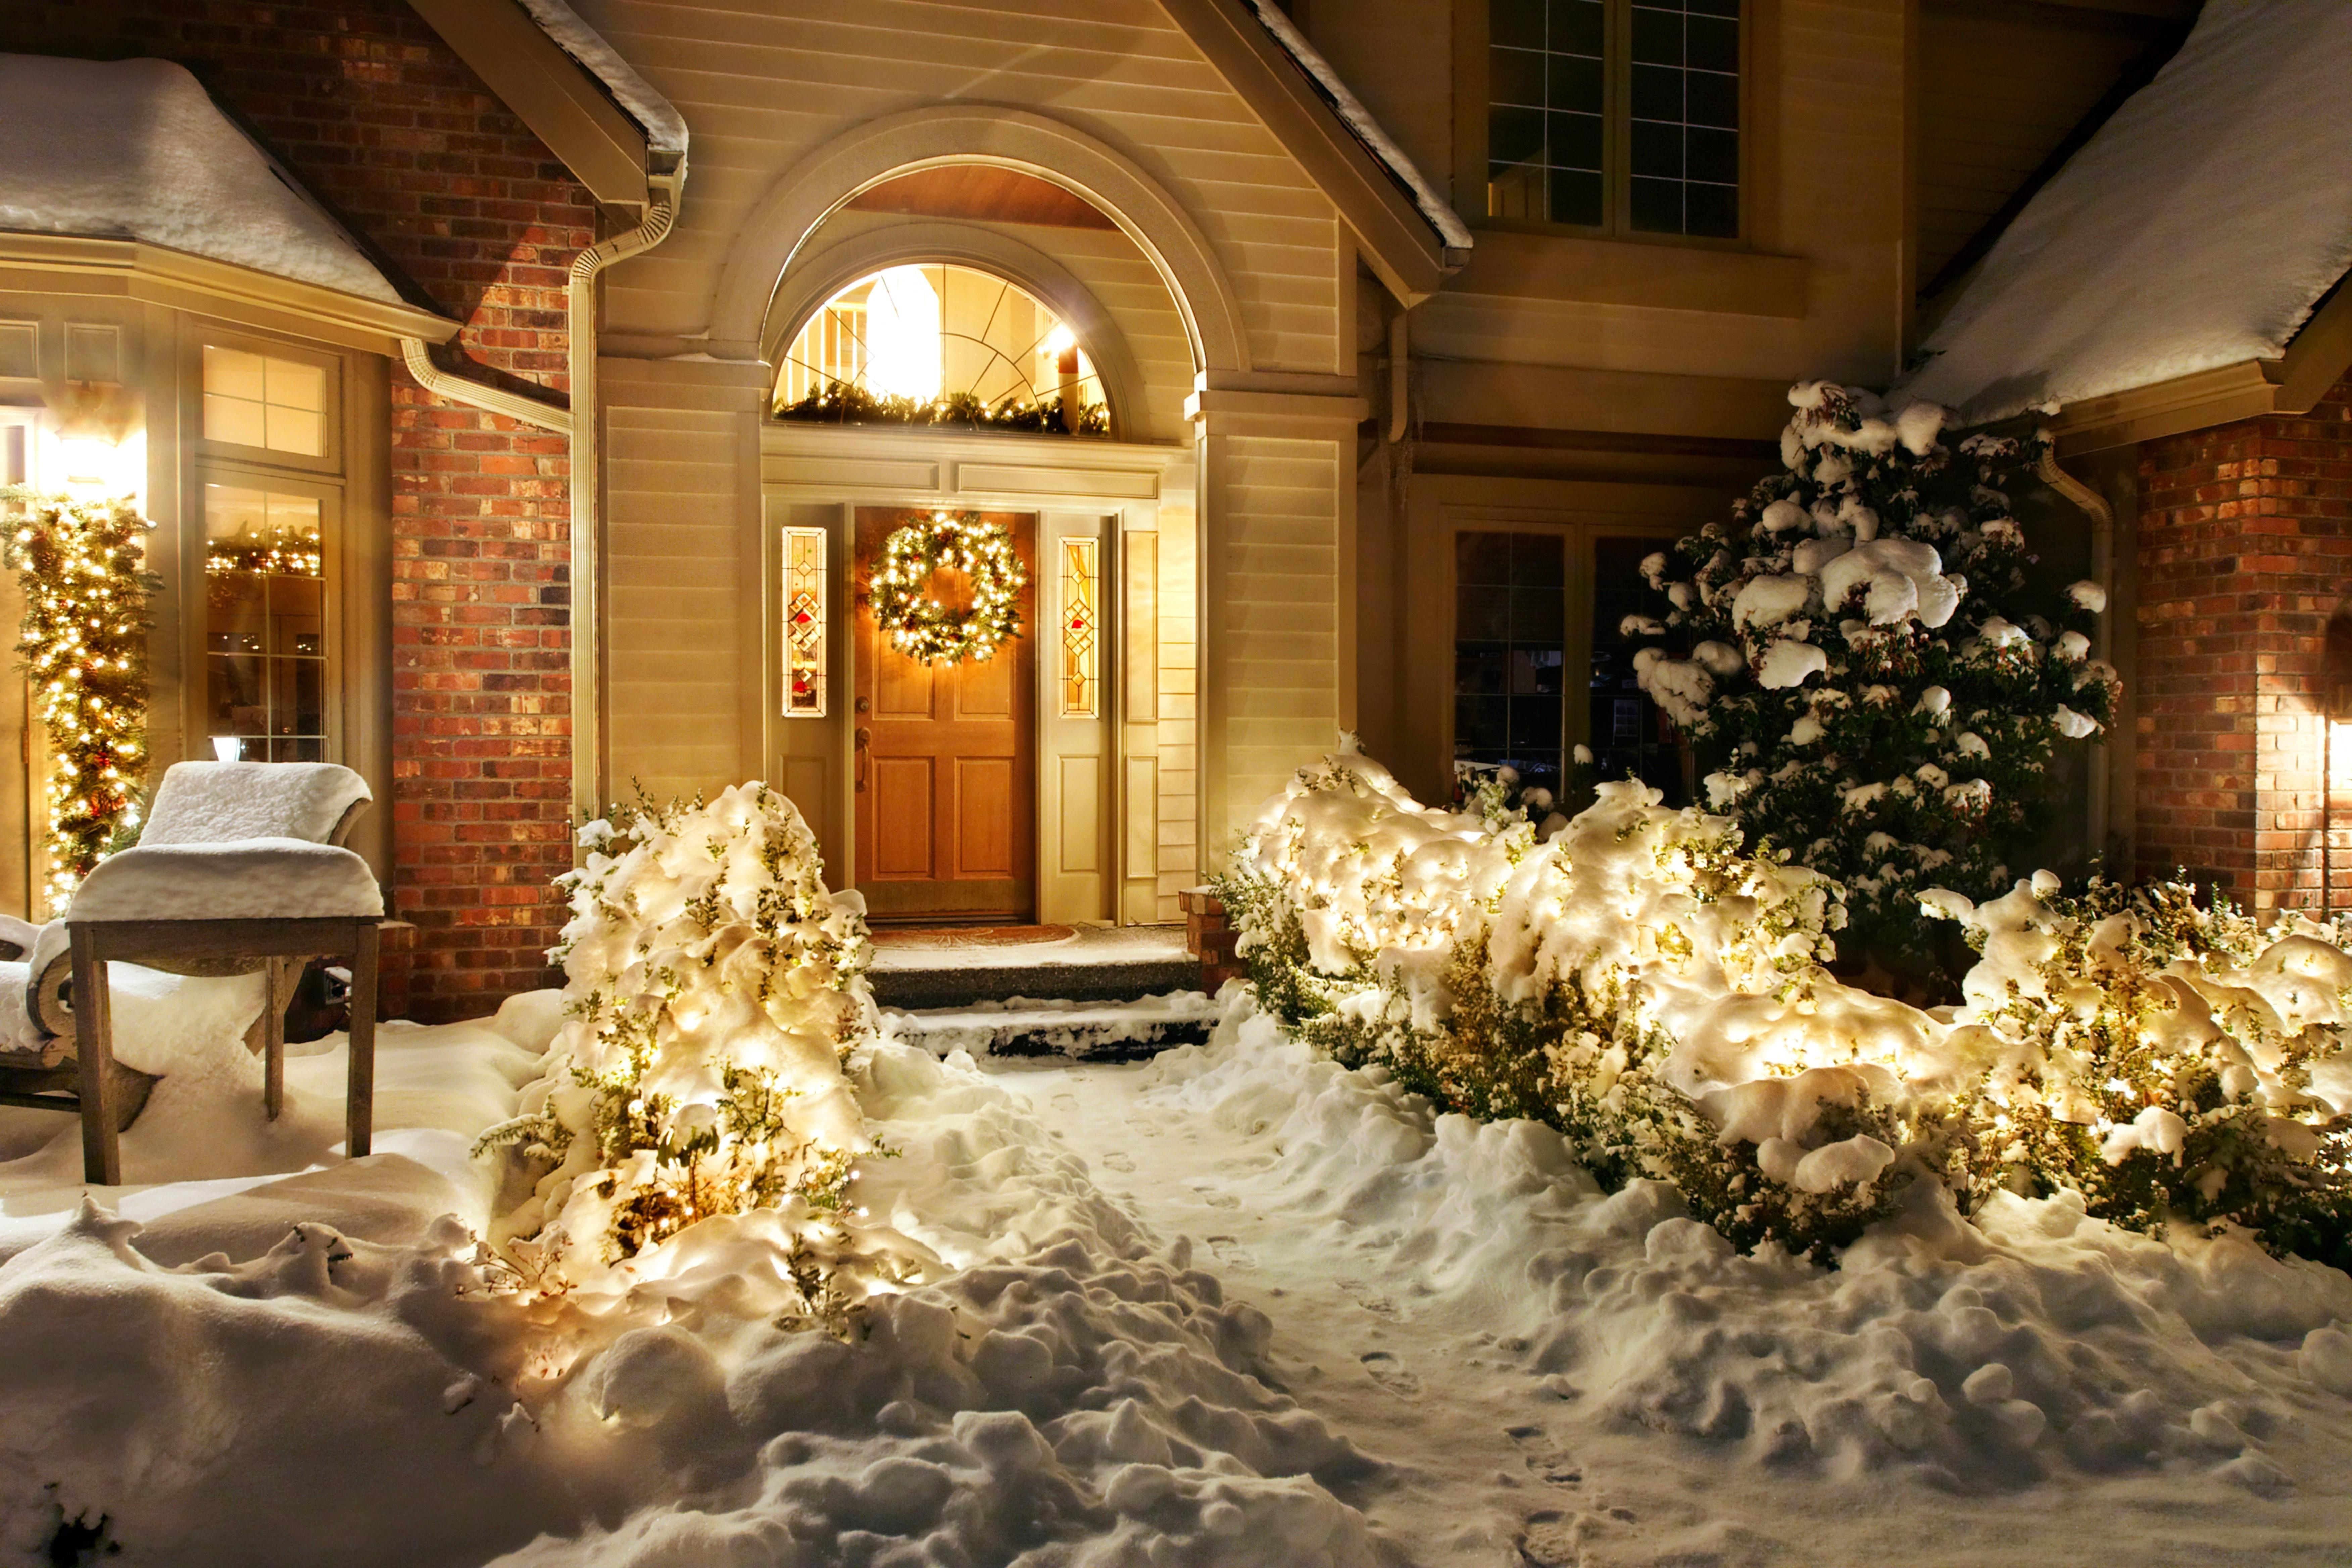 Decorazioni Sala Natale : Sfondi : inverno natale interior design sala da ballo tenuta